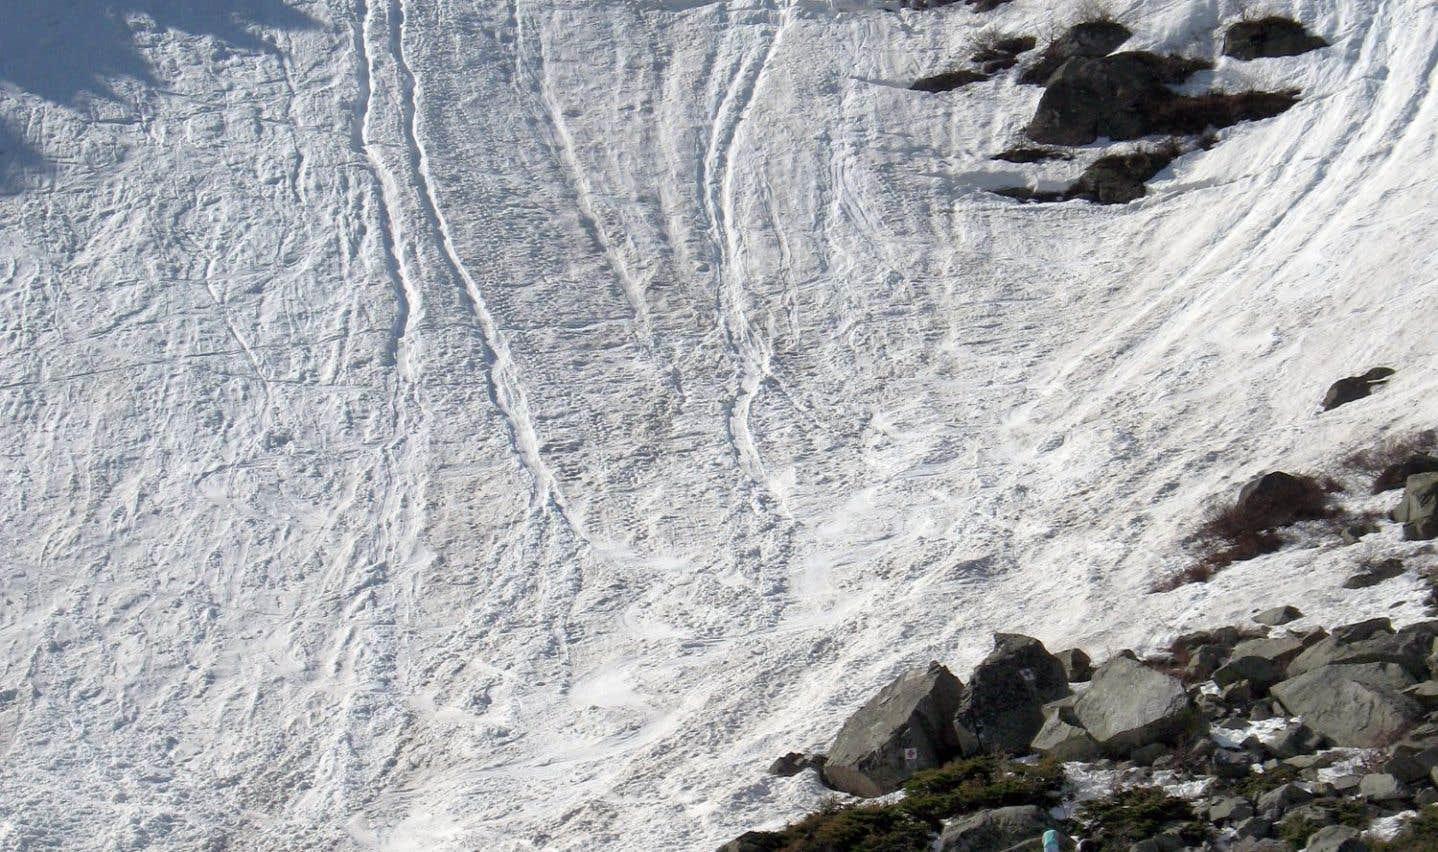 Les «pistes», simplement délimitées par d'énormes rochers, sont toutes très raides et peuvent devenir extrêmement rapides quand la neige est de type gros sel, un moins quand on a affaire à de la «purée de pommes de terre».